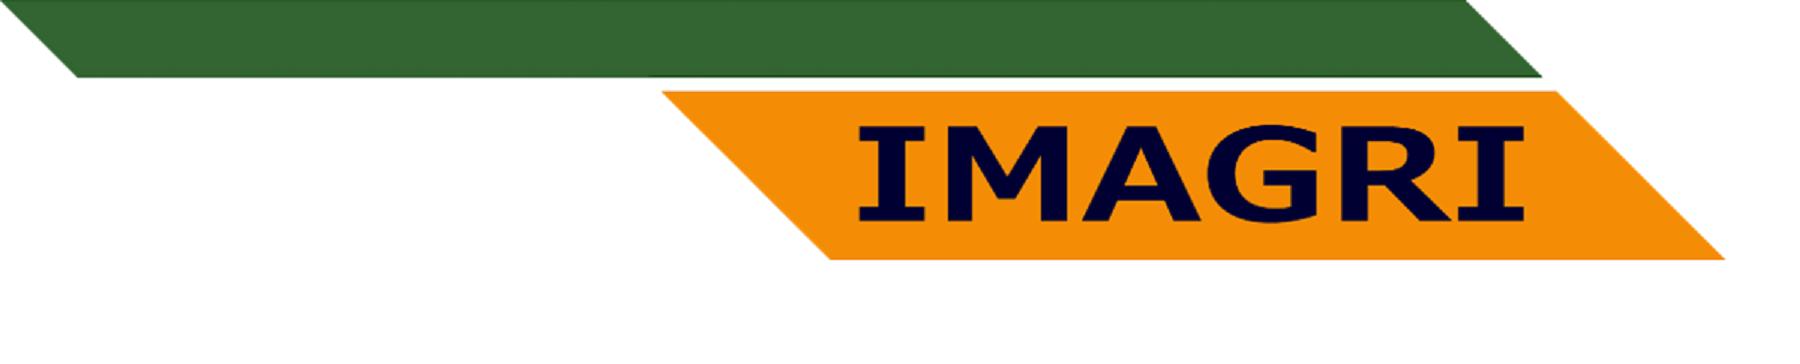 Imagri